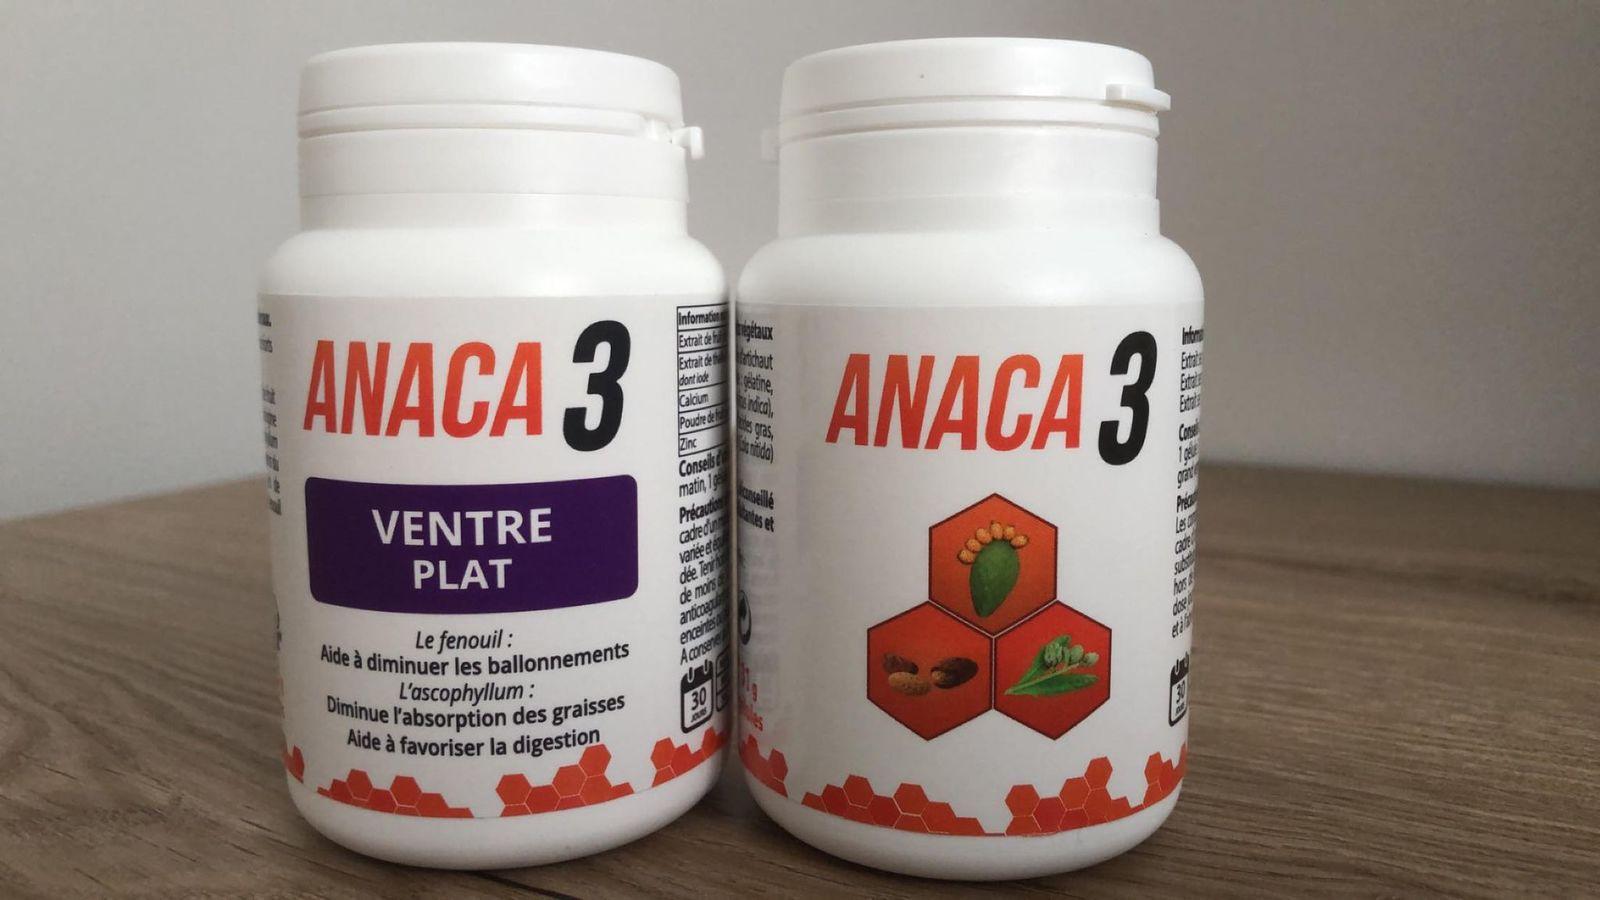 Nouveau test Anaca3 ventre plat